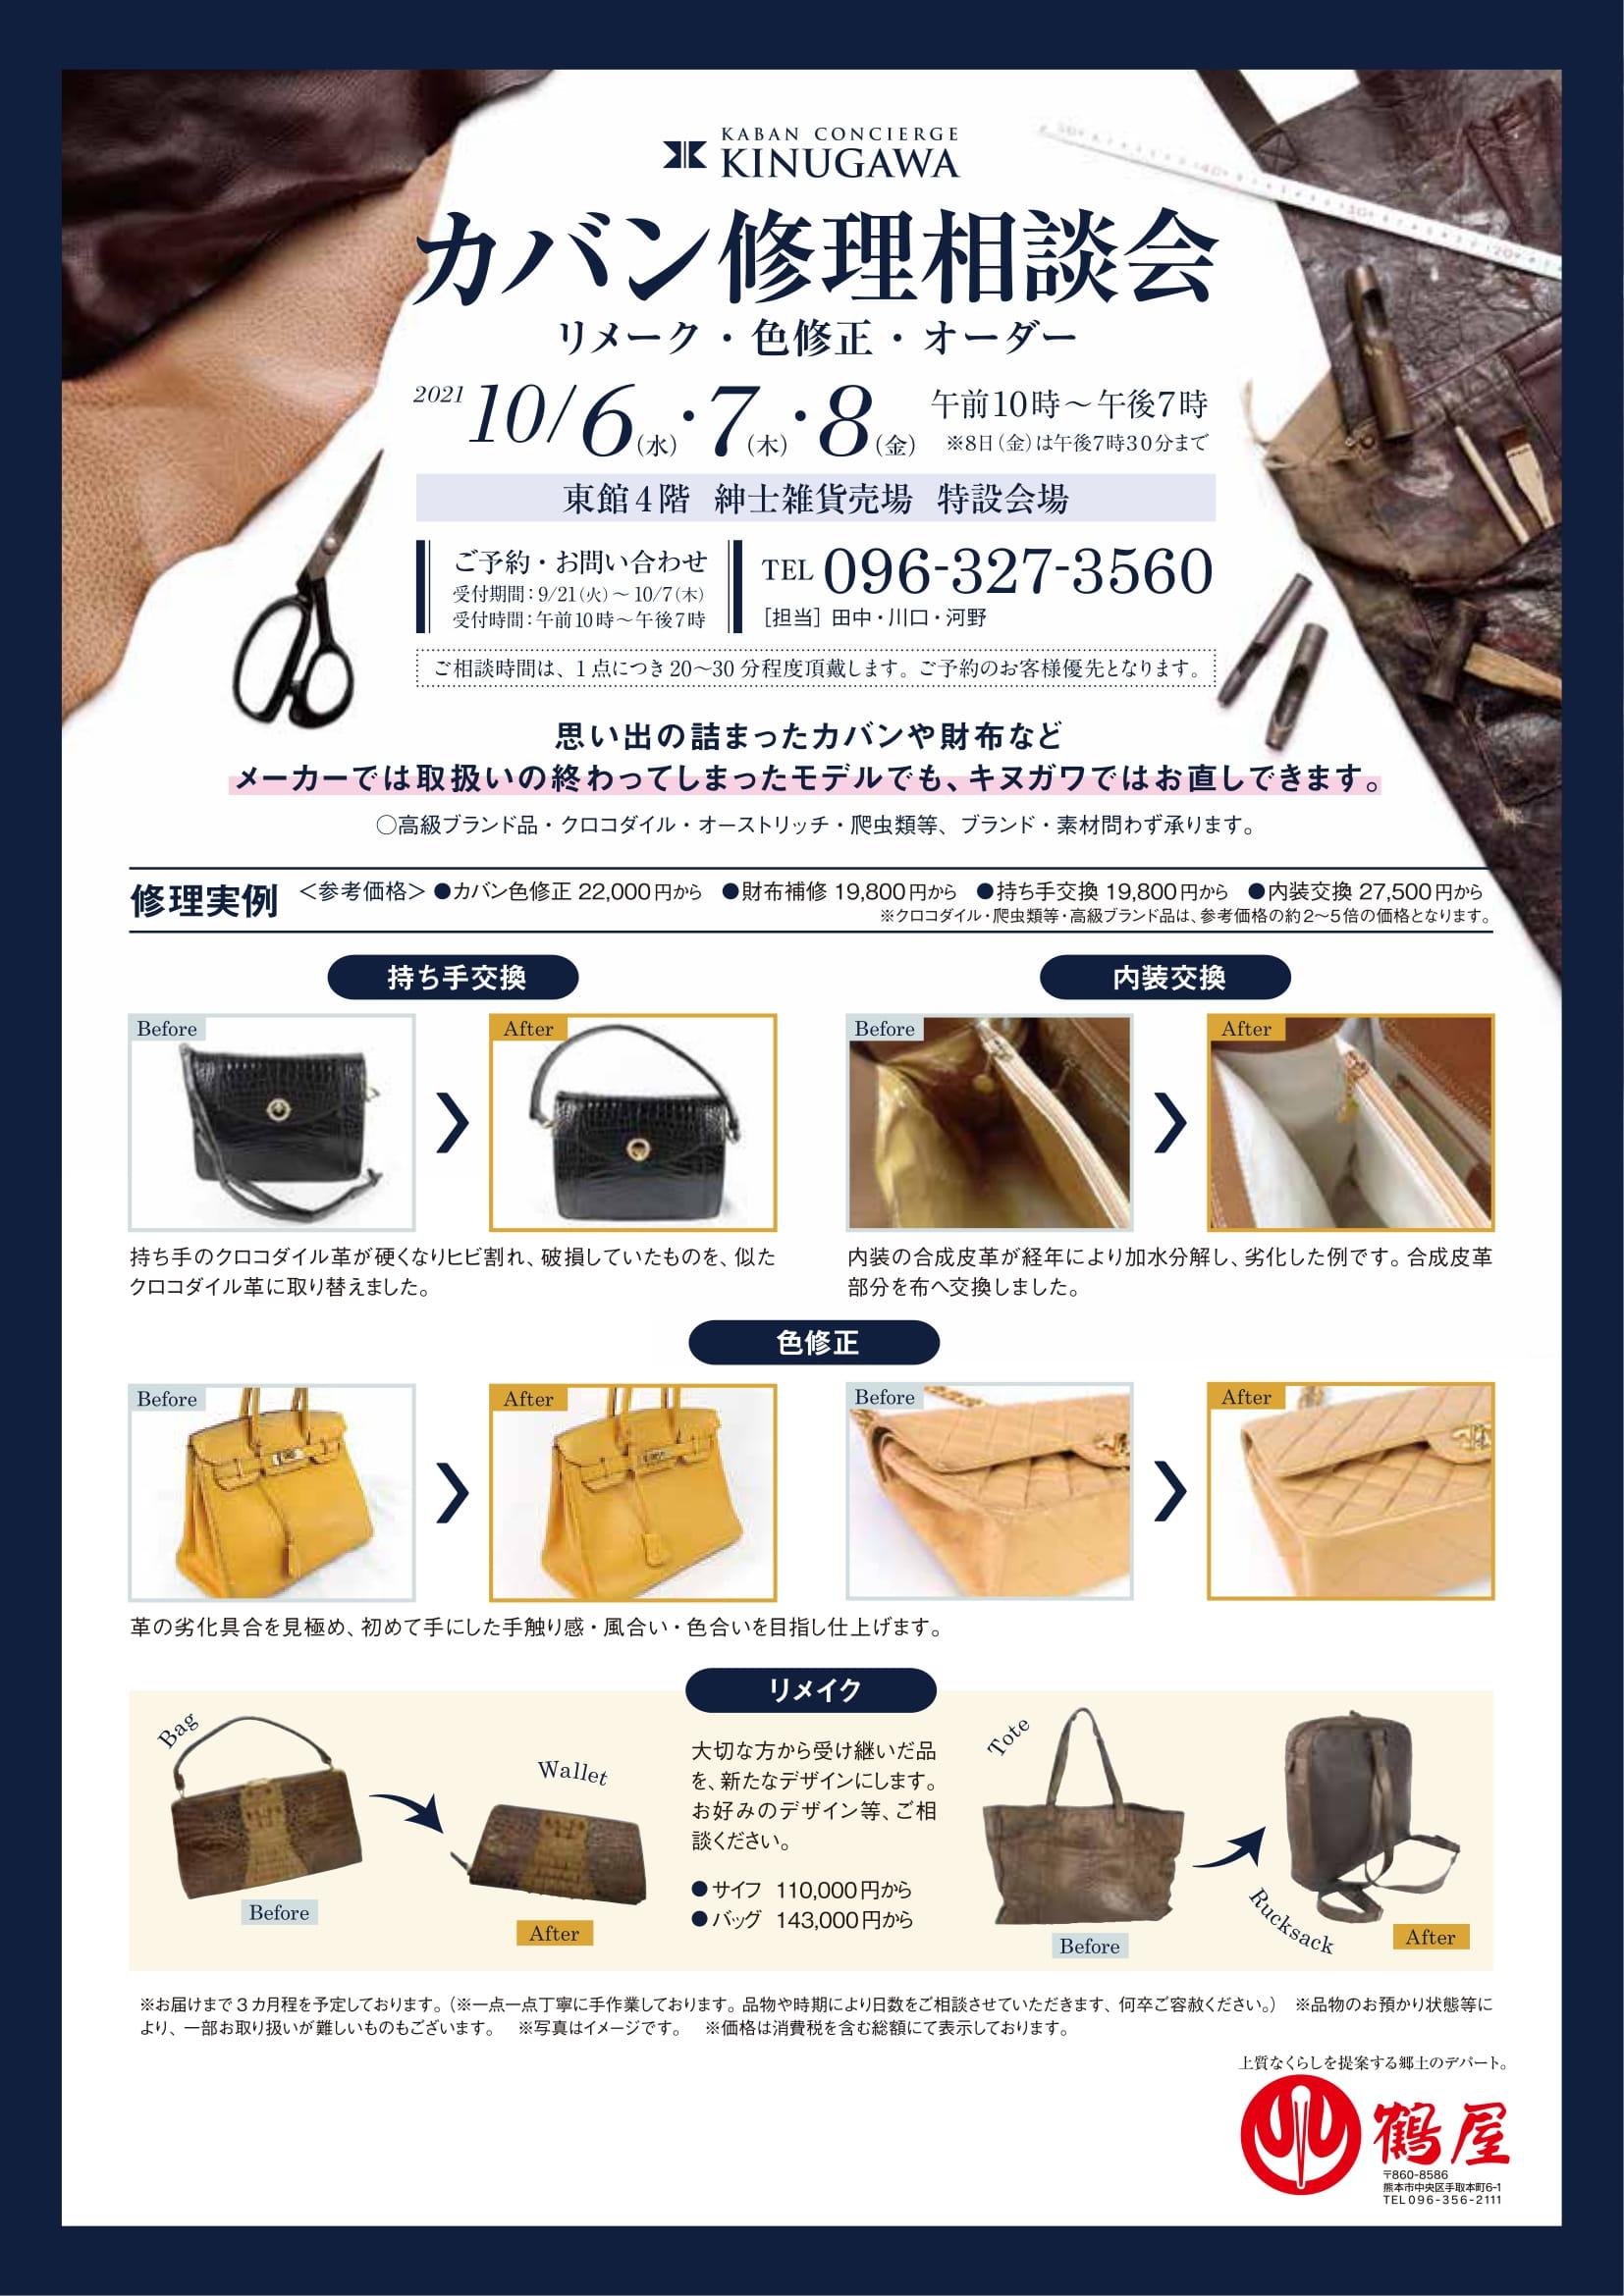 鶴屋百貨店 カバン修理相談会